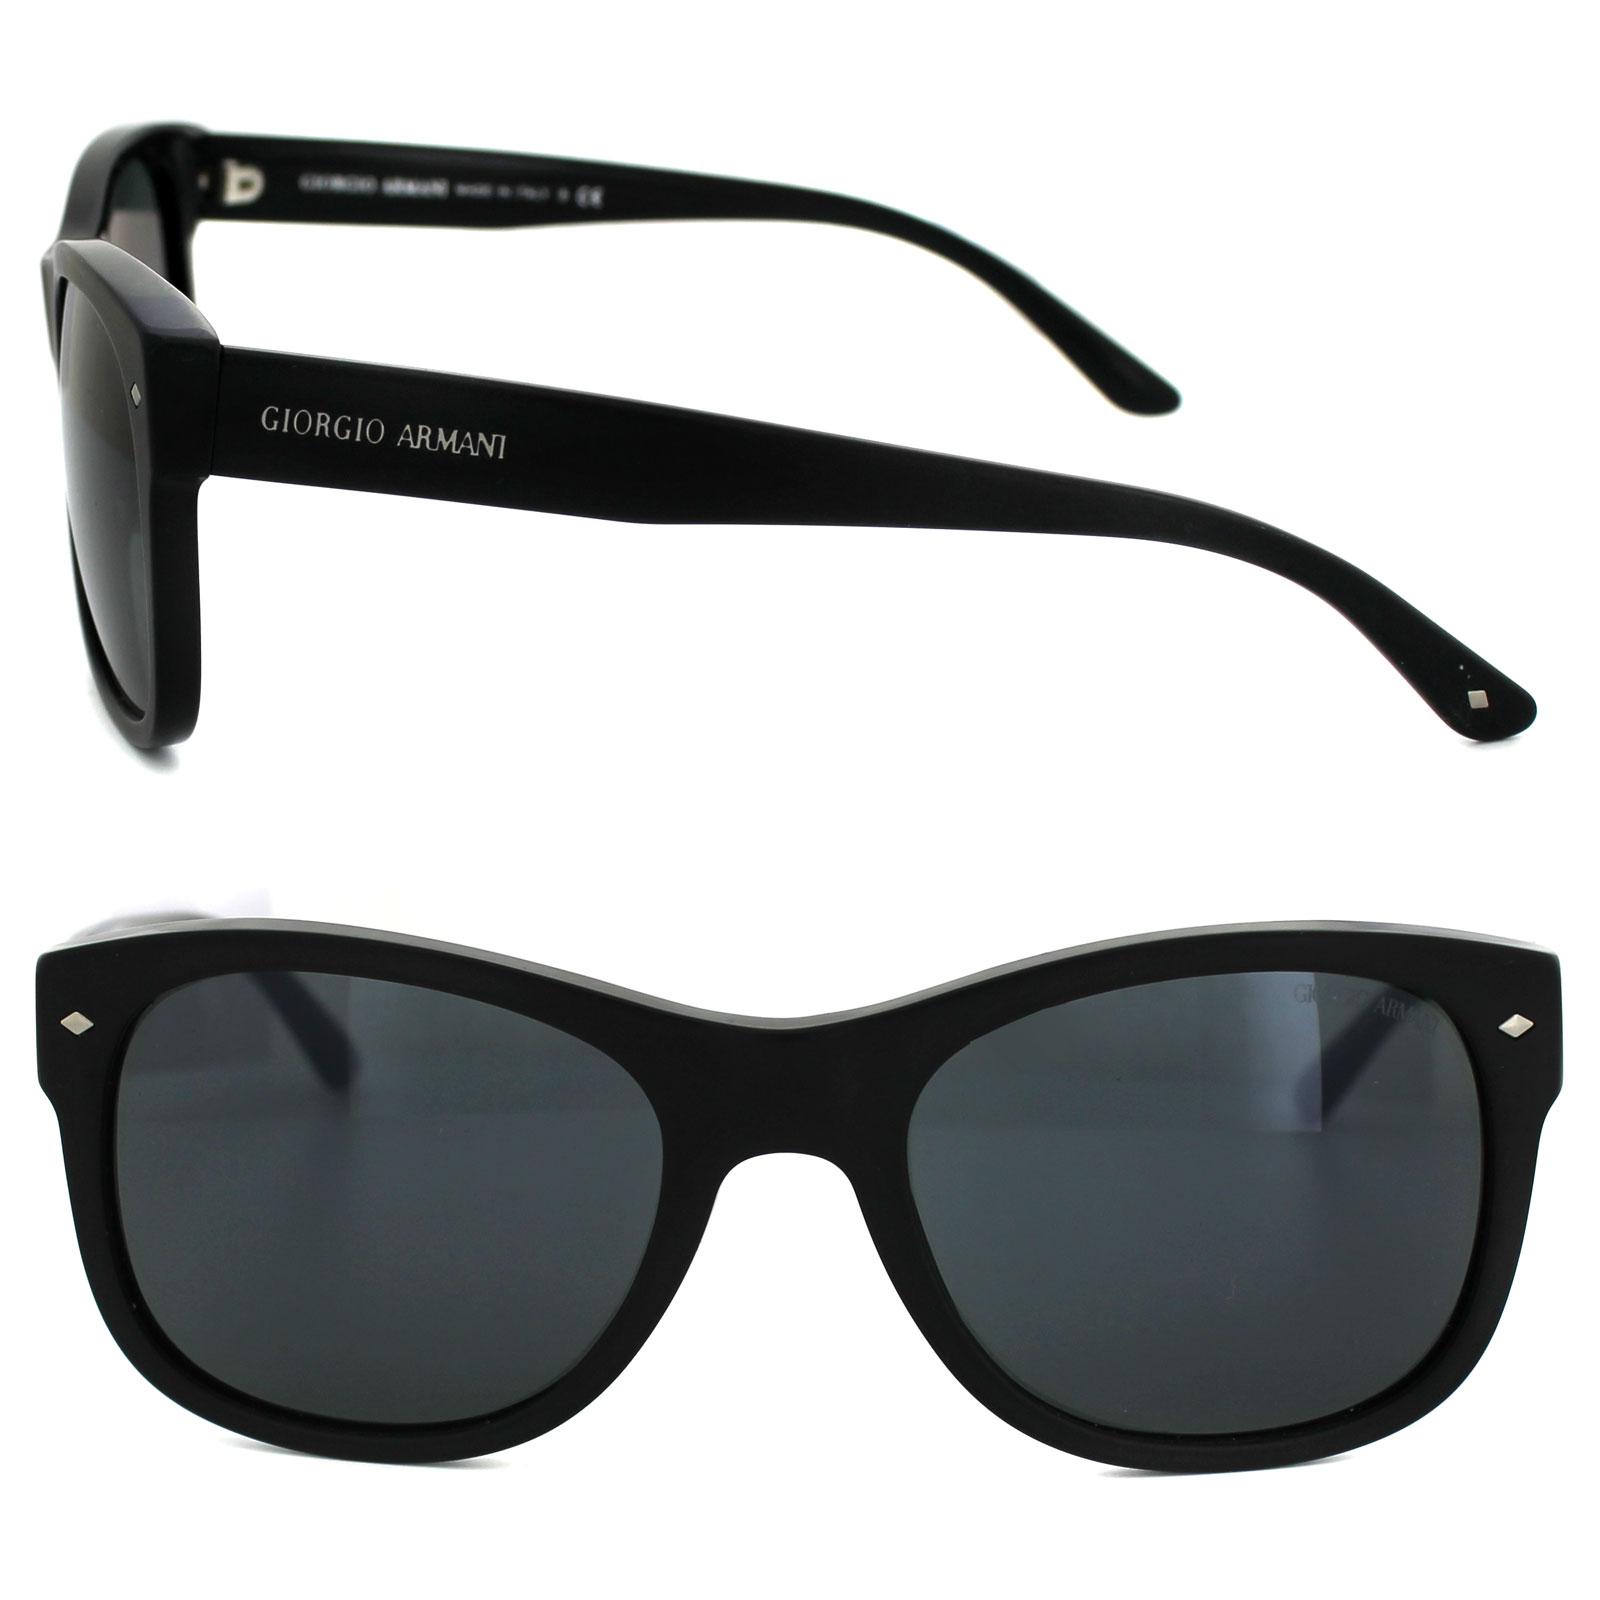 5e4c58493ed3 Giorgio Armani AR8008 Sunglasses Thumbnail 1 Giorgio Armani AR8008 Sunglasses  Thumbnail 2 ...